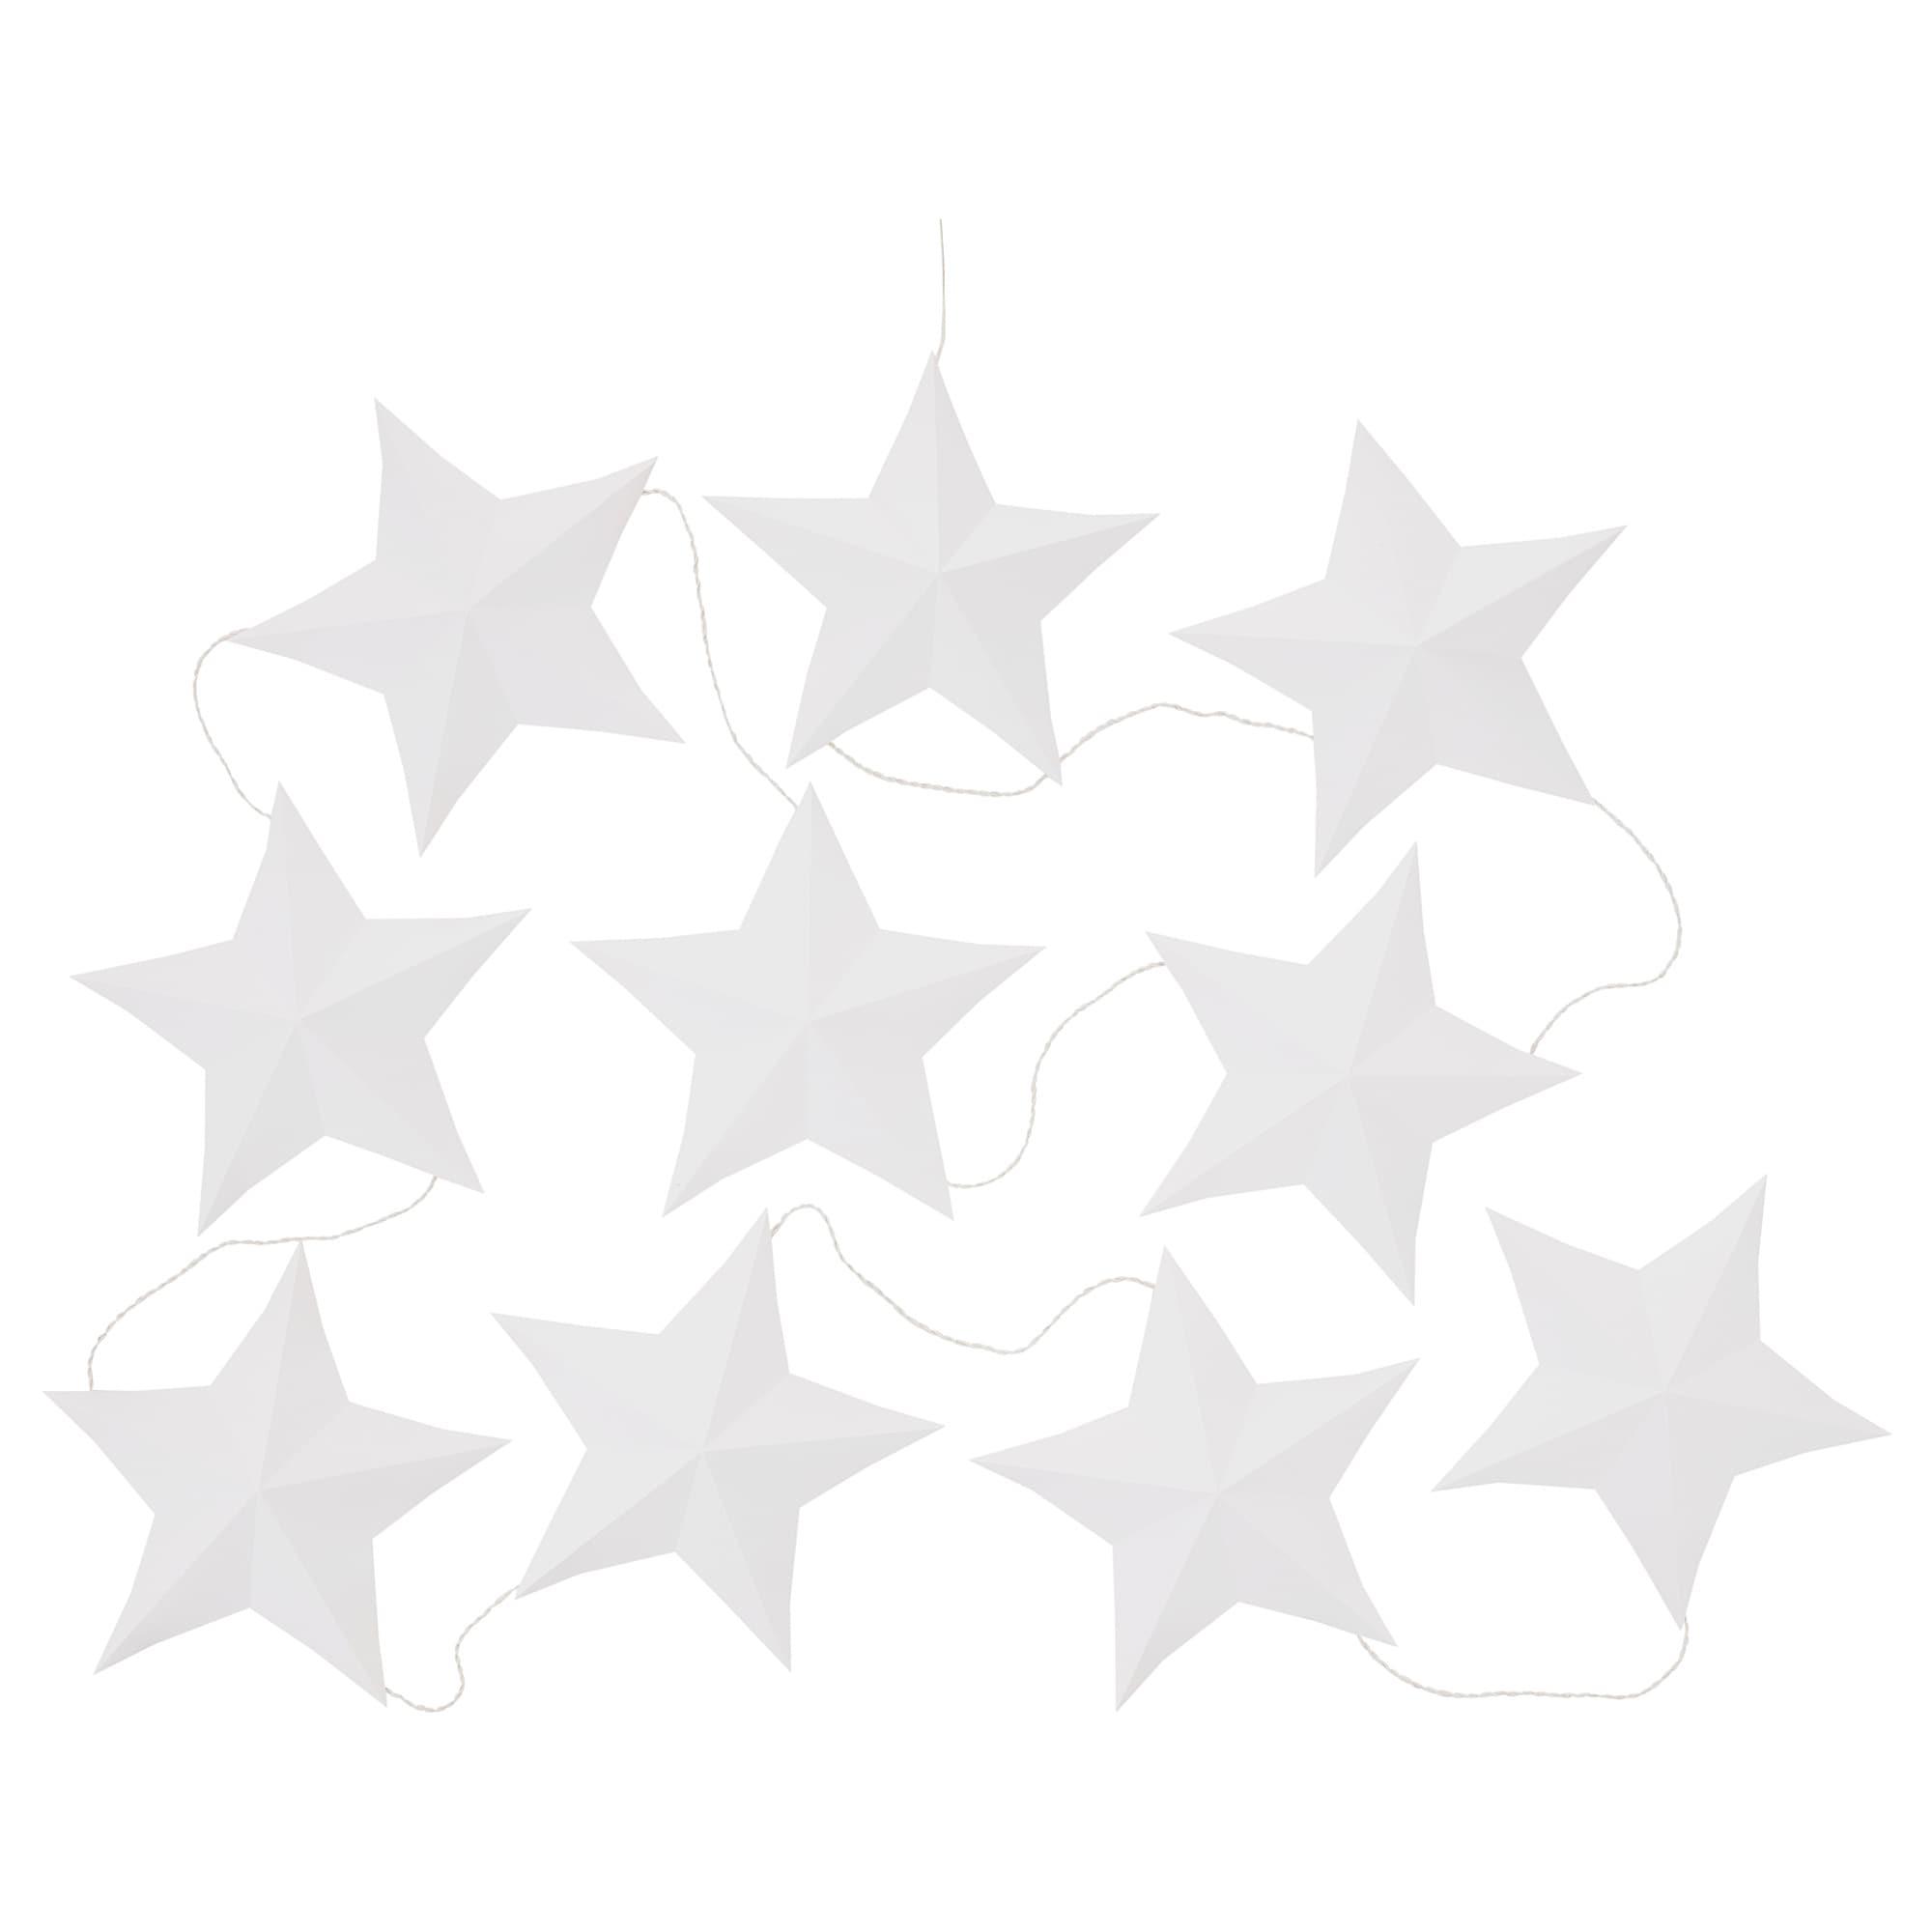 Гирлянда, 10 светодиодов СТРОЛА белый артикуль № 504.155.92 в наличии. Интернет каталог IKEA Беларусь. Быстрая доставка и соборка.